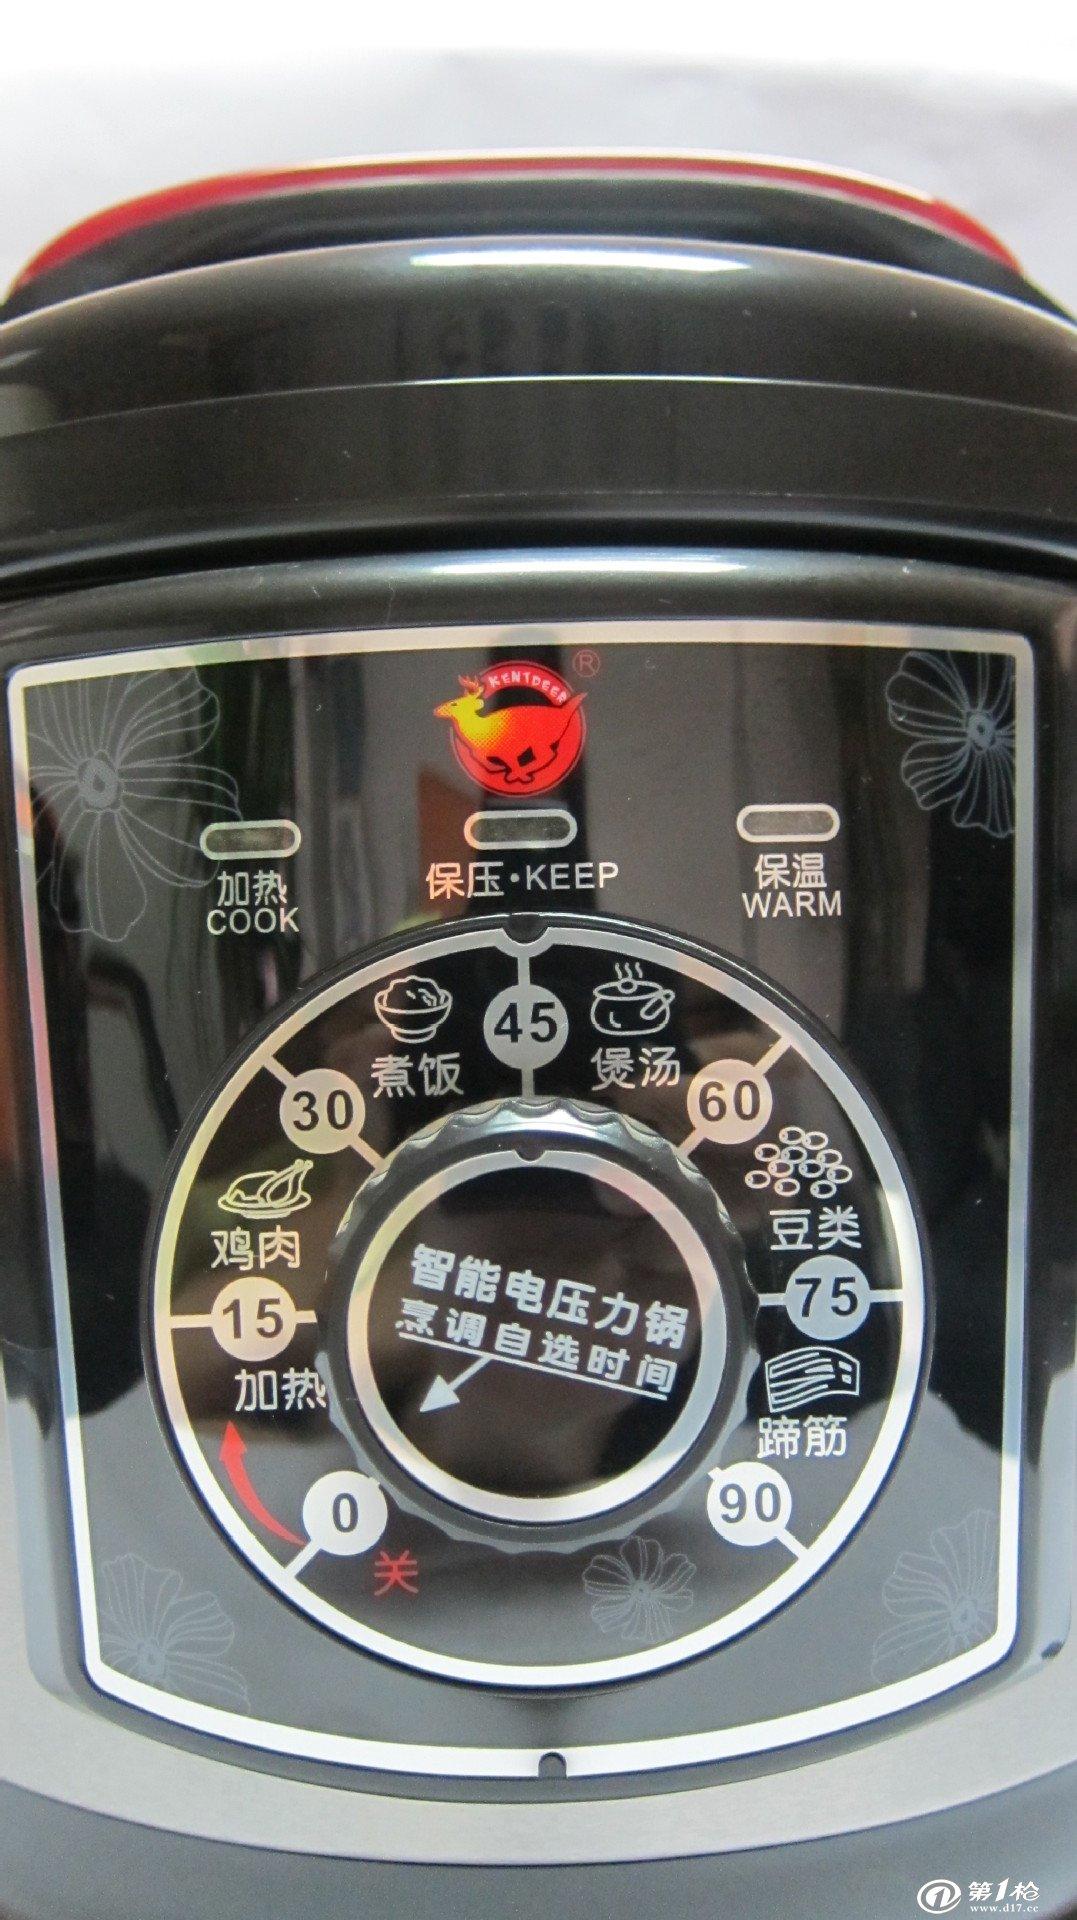 供应飞鹿a2机械款电压力锅